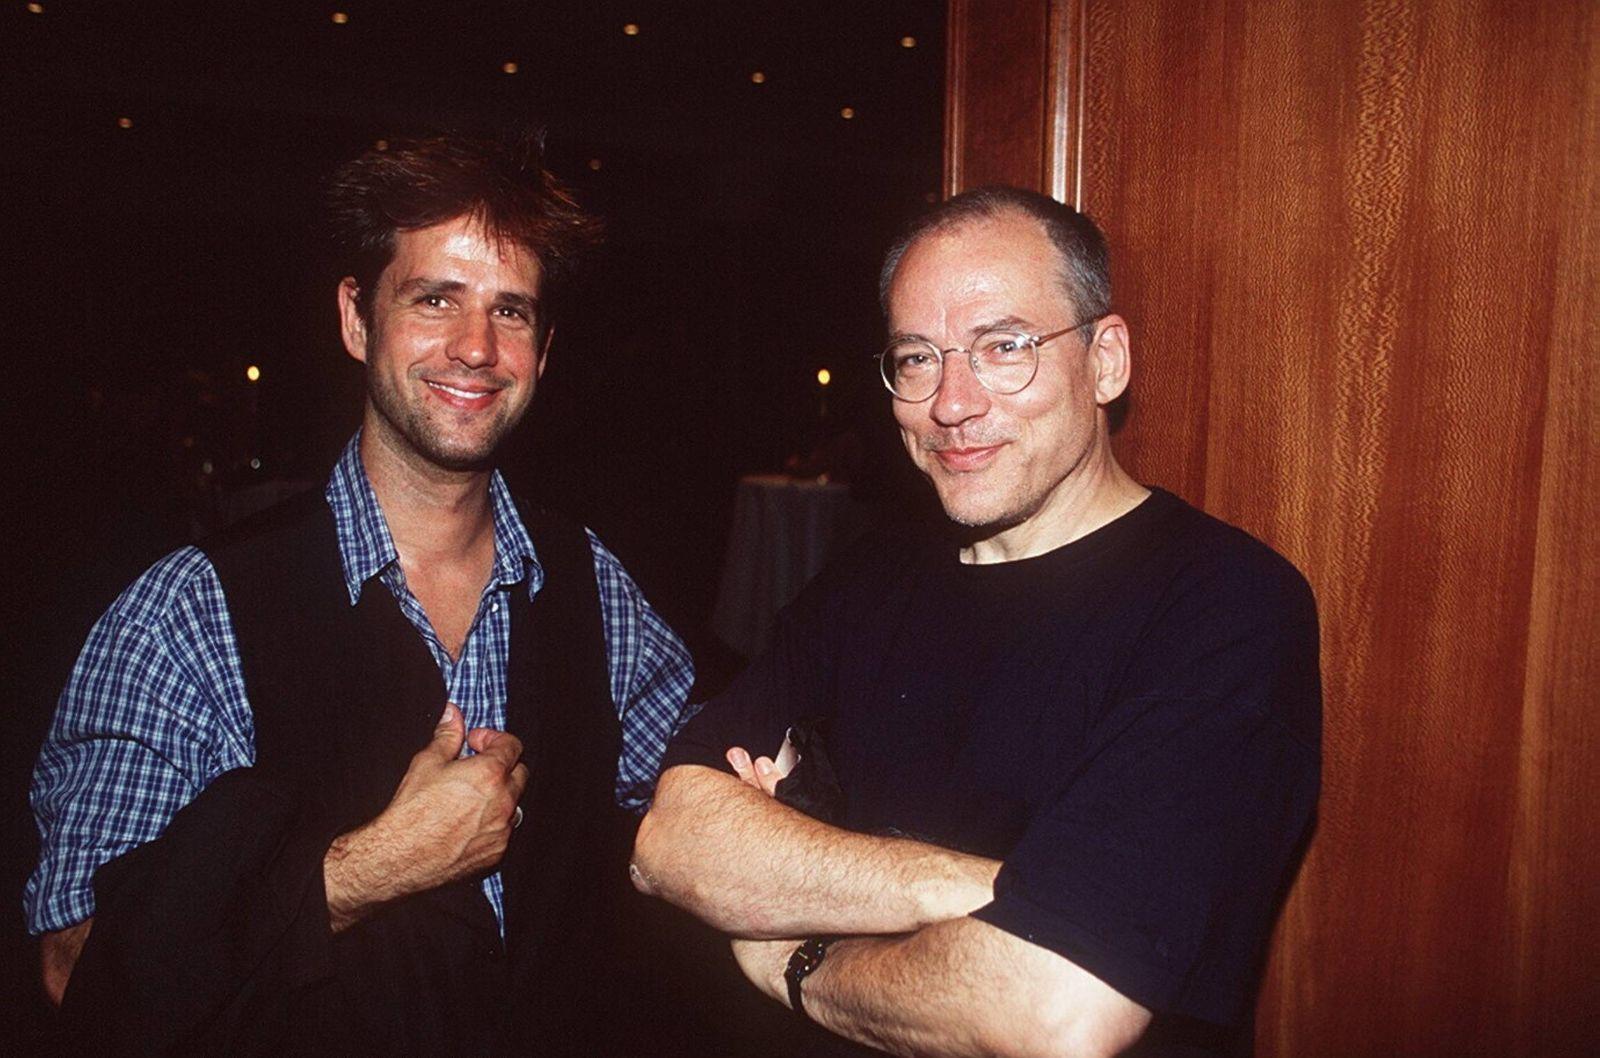 Christoph Schlingensief (li.) mit Rosa von Praunheim 08/97 te Mann TV Fernsehen leger stehend dunkelhaarig Regie GESPRÄ